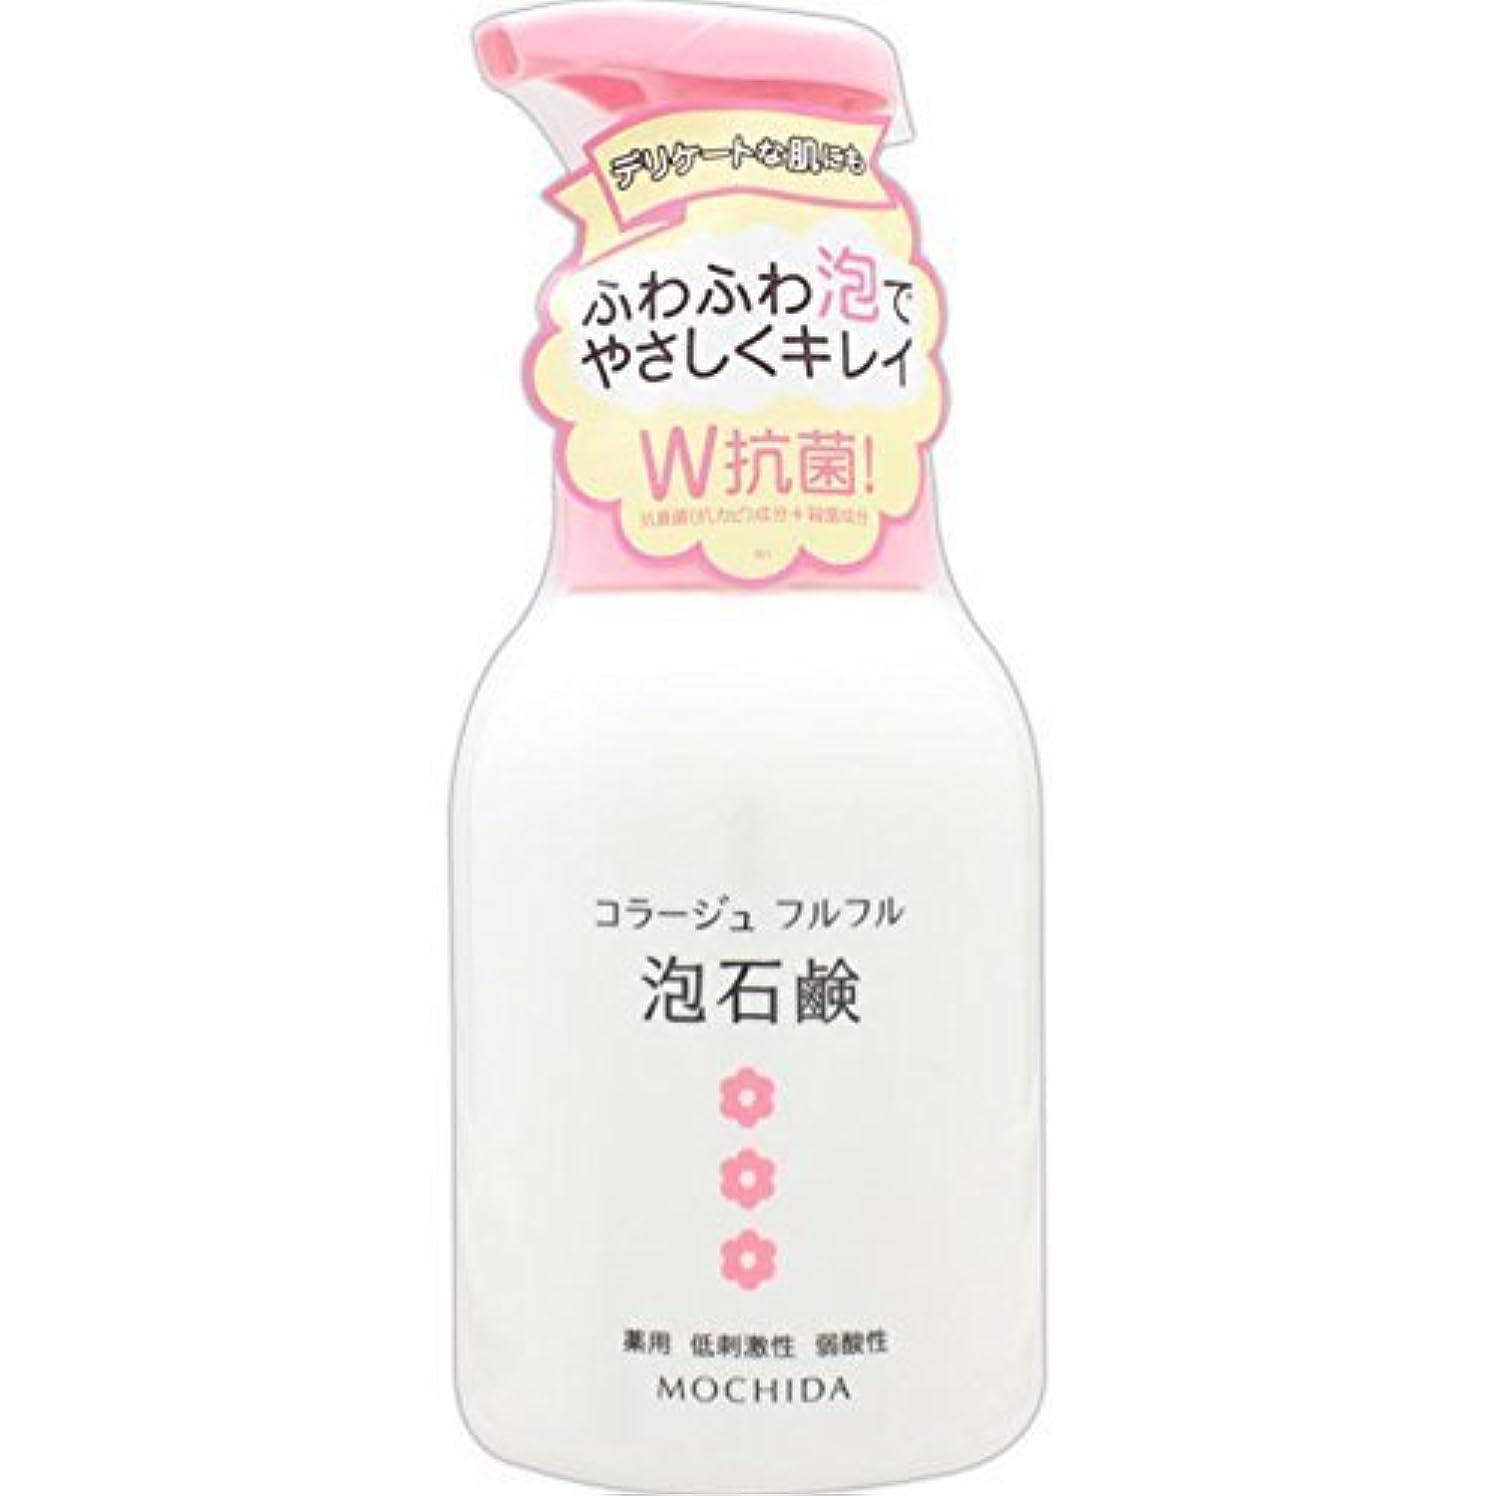 蚊消費するいちゃつくコラージュフルフル 泡石鹸 ピンク 300m L (医薬部外品) ×4